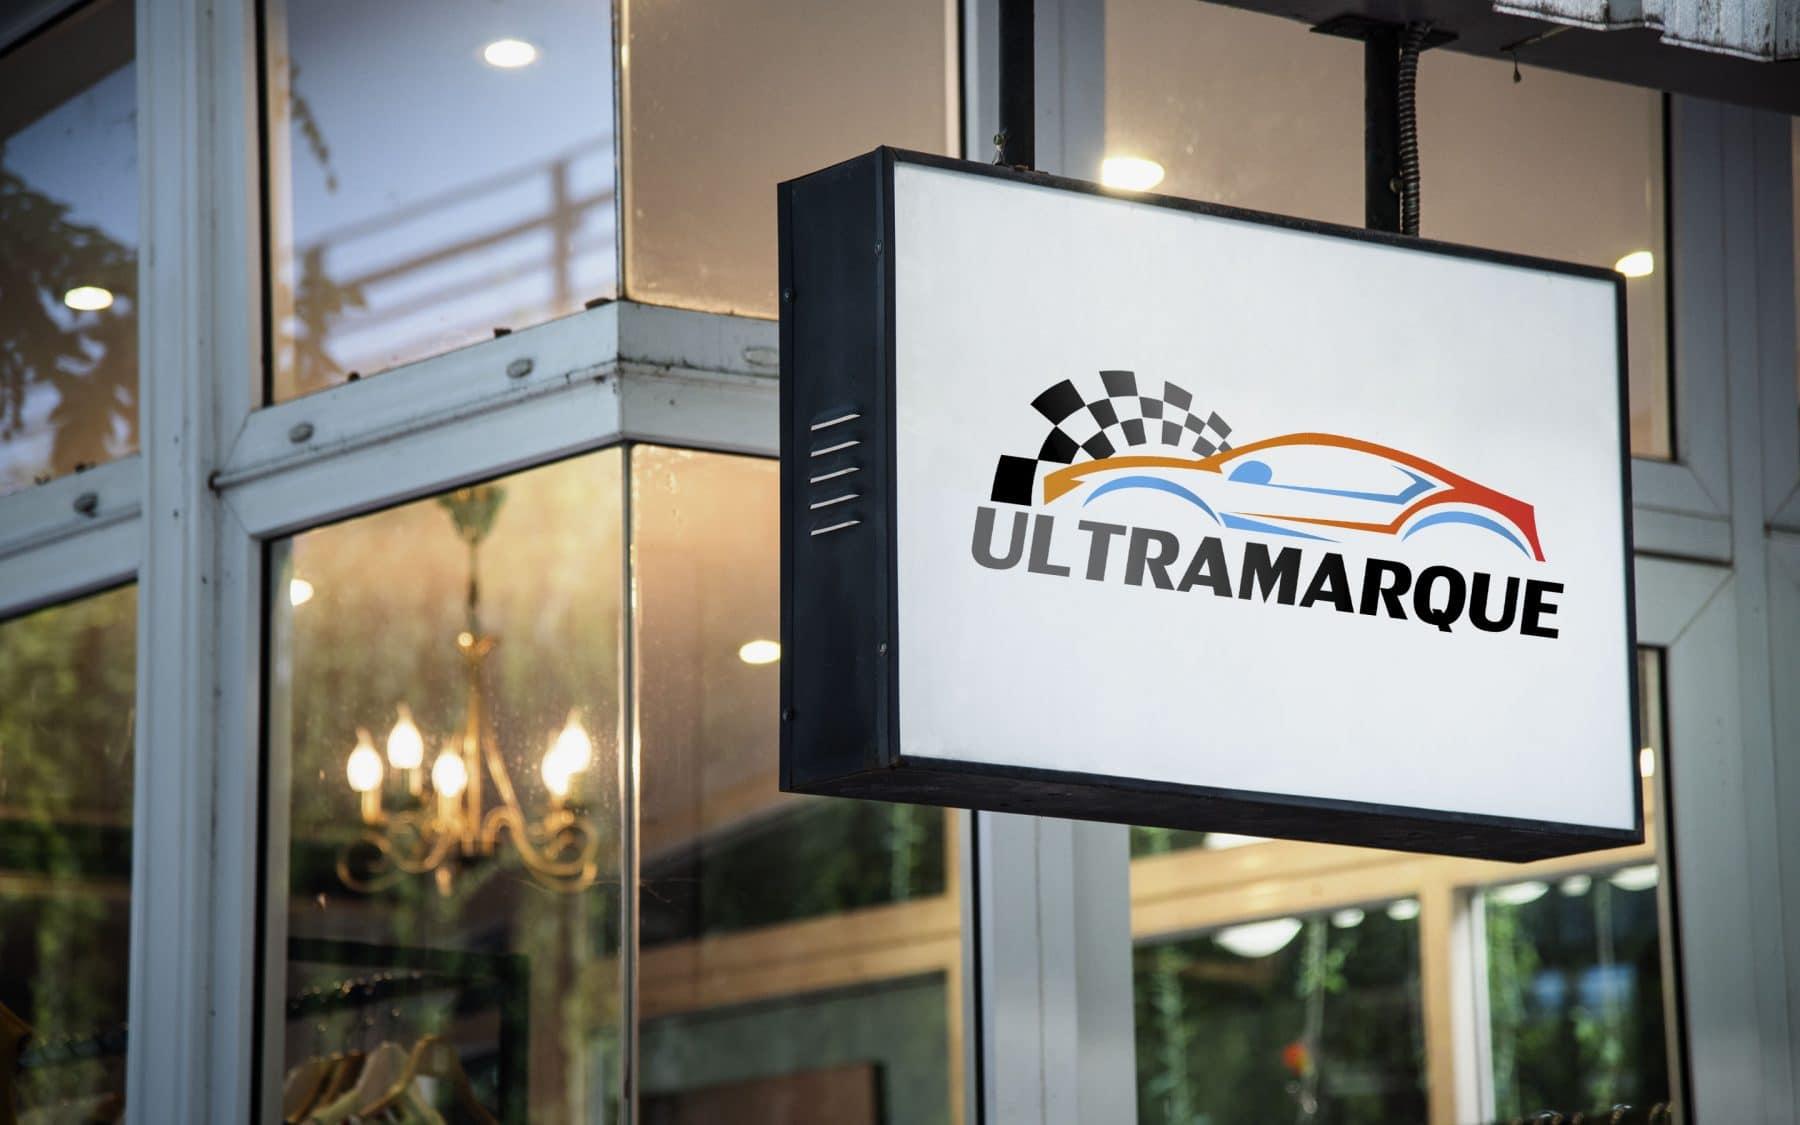 Ultramarque 3